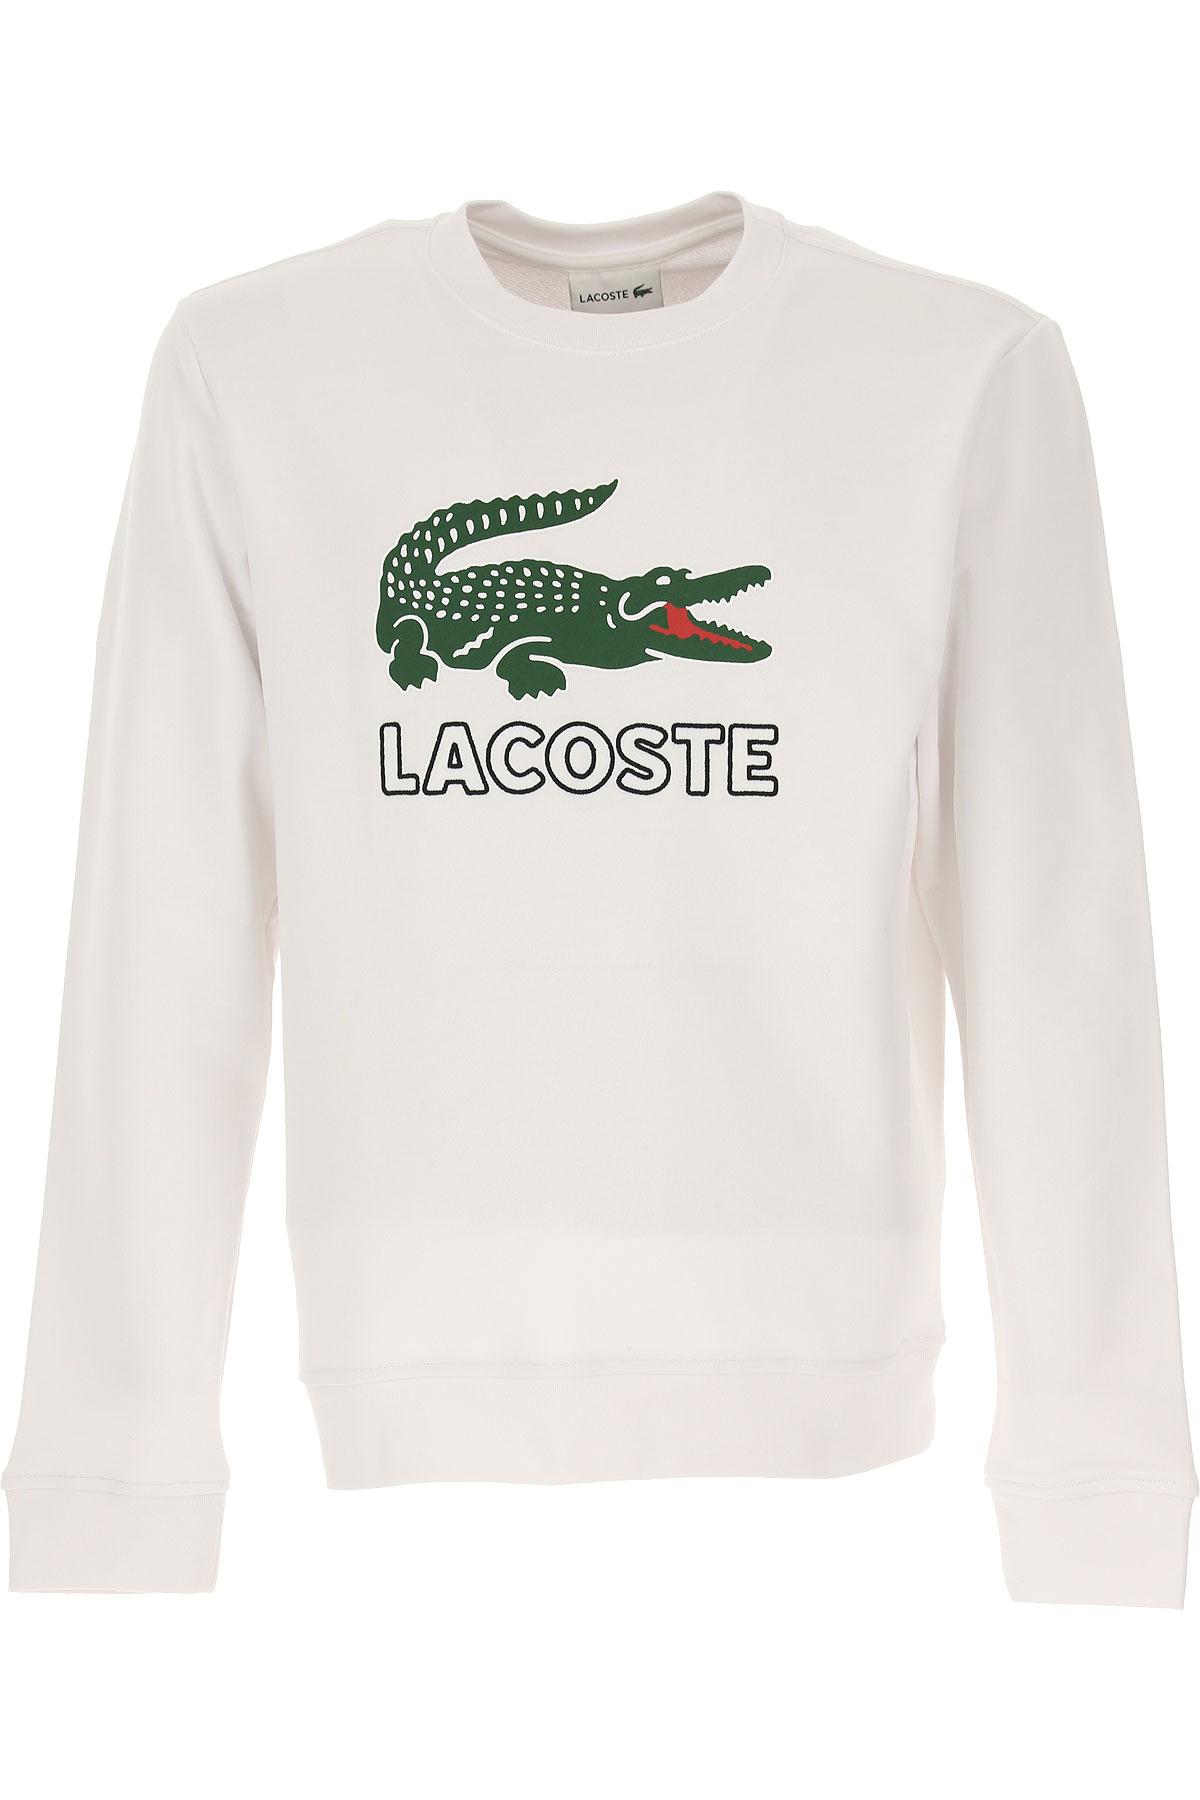 eb7d256e8a Lacoste Felpa Uomo, Bianco, Cotone, 2019, L M S (ITA-518658 419810